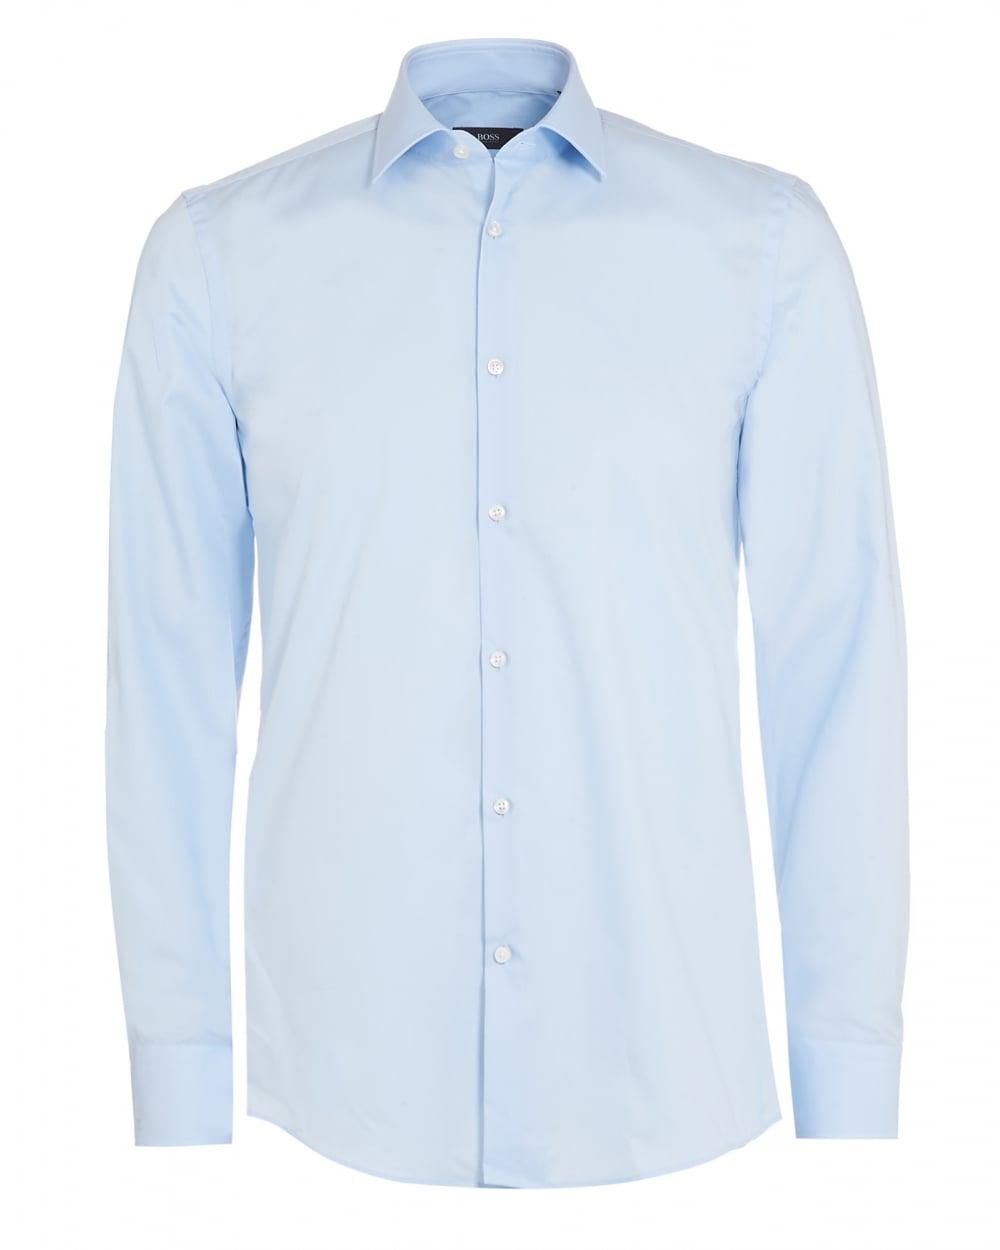 Mens Jenno Shirt, Sky Blue Plain Slim Fit Shirt